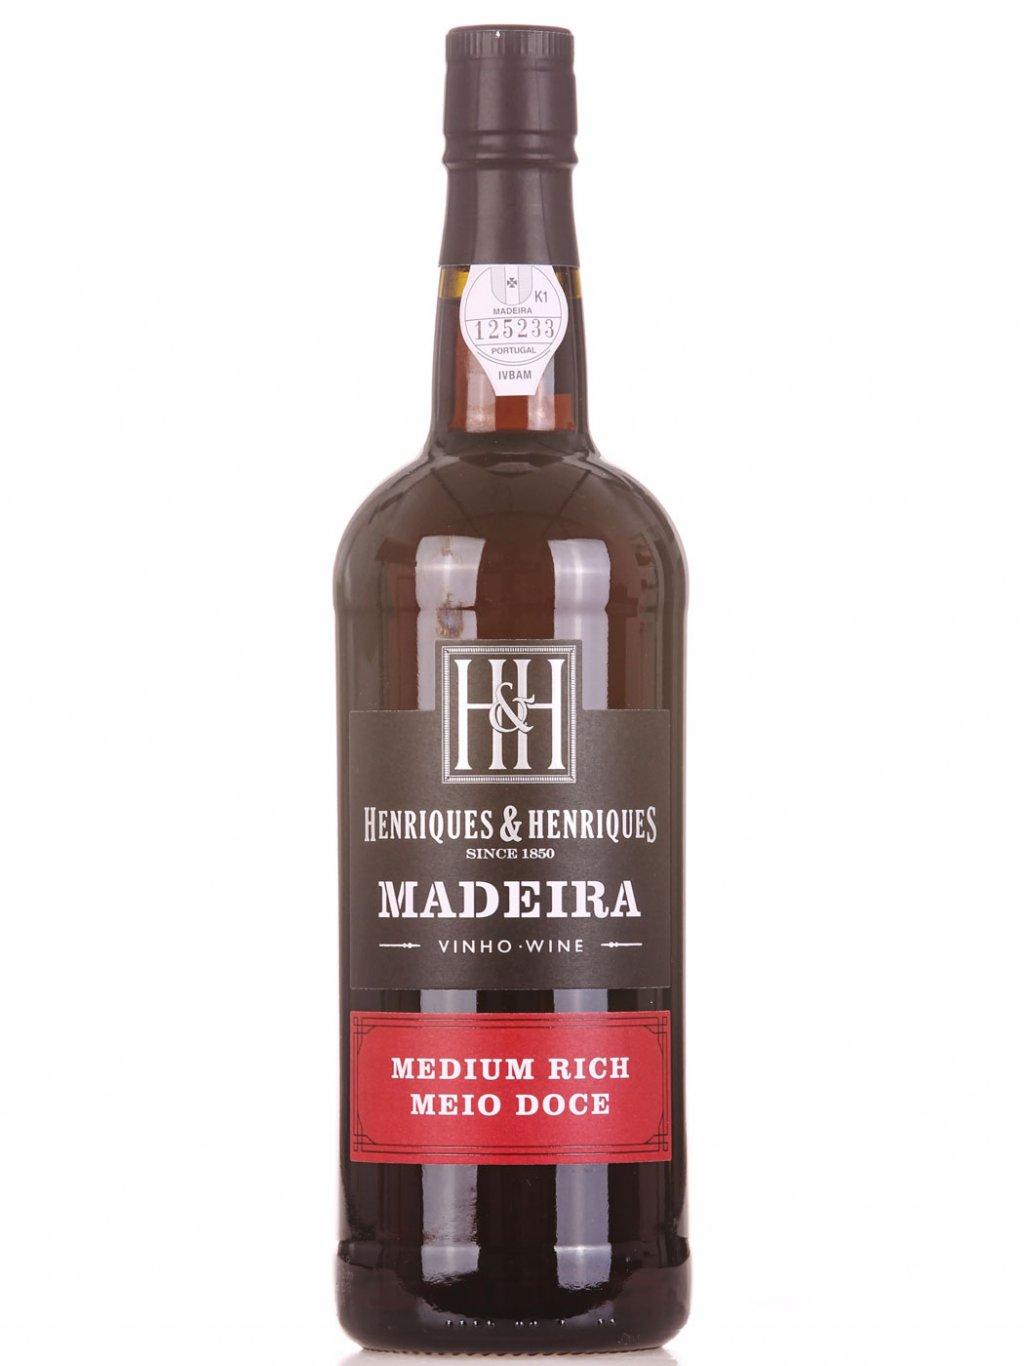 Henriques & Henriques Madeira Medium Rich 3 YO